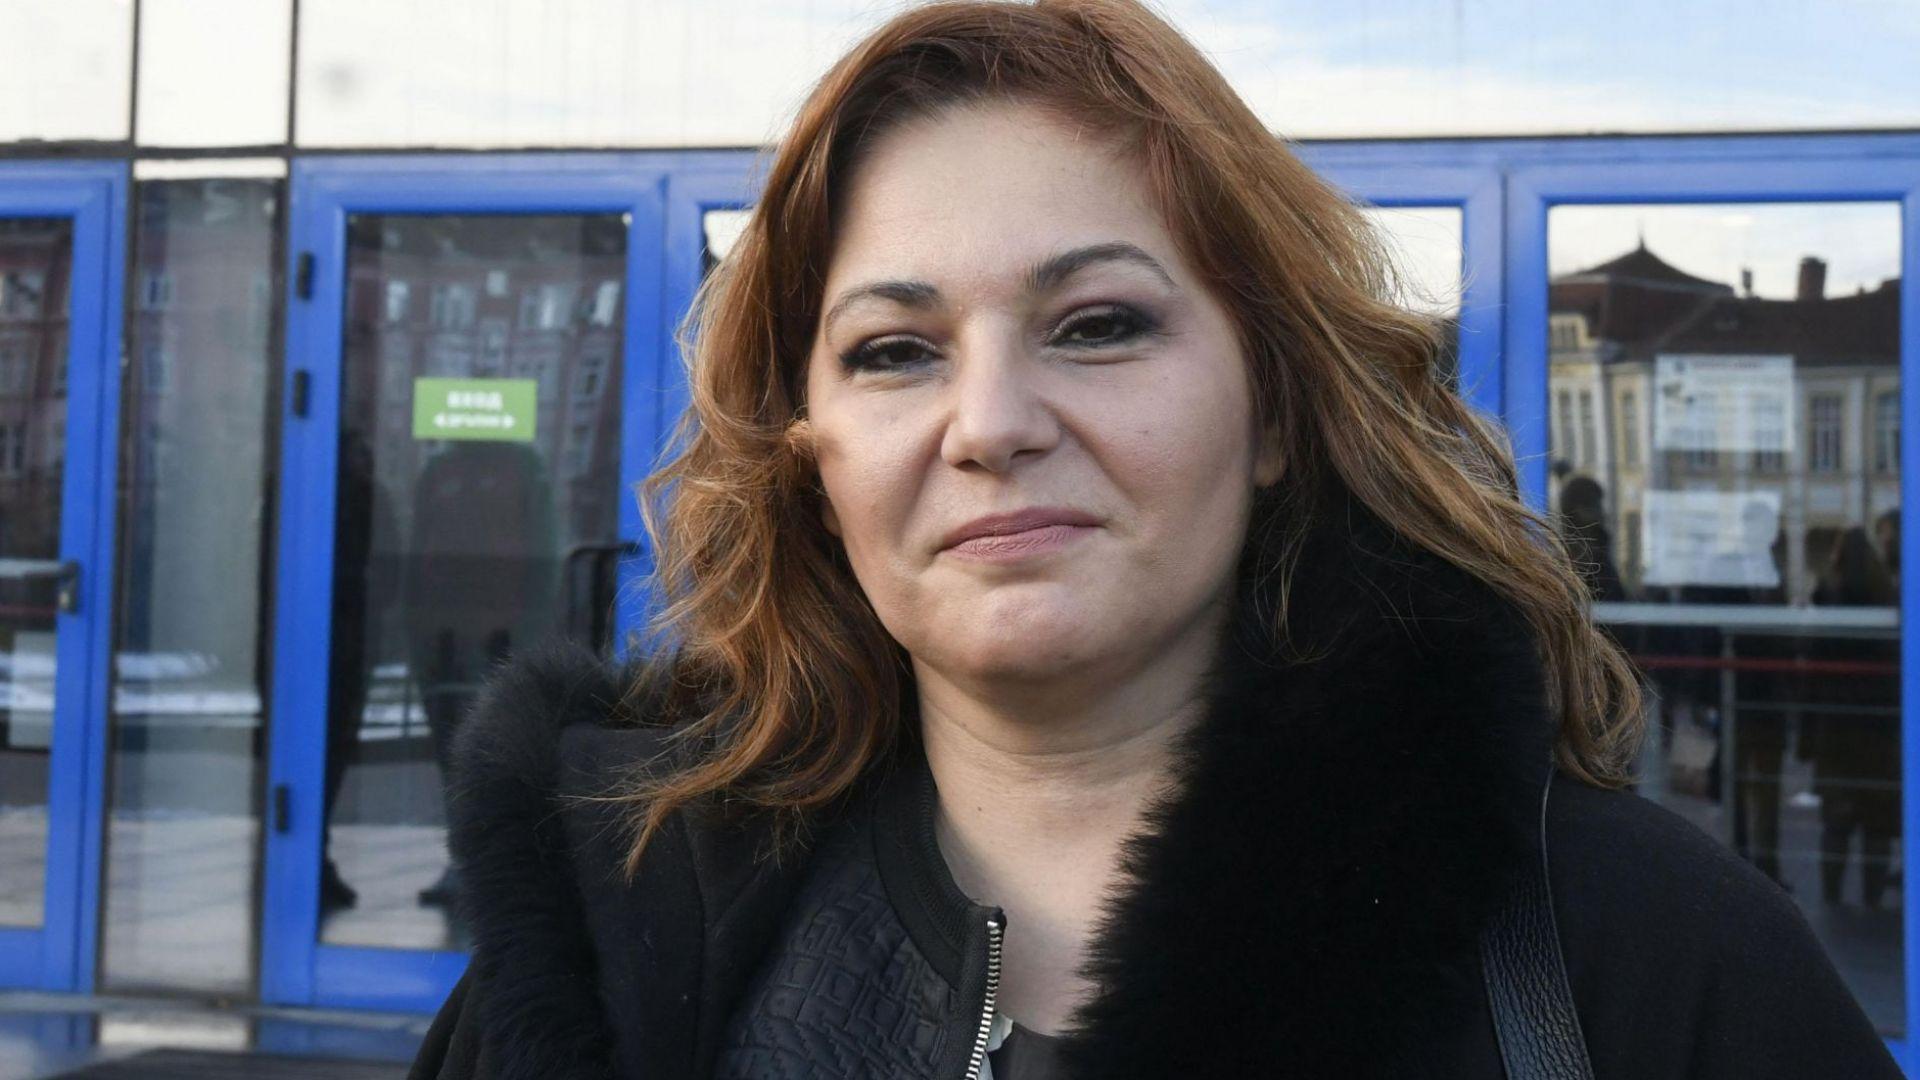 Проф. Сербезова пред съда: Изложила съм информация, която е публично налична